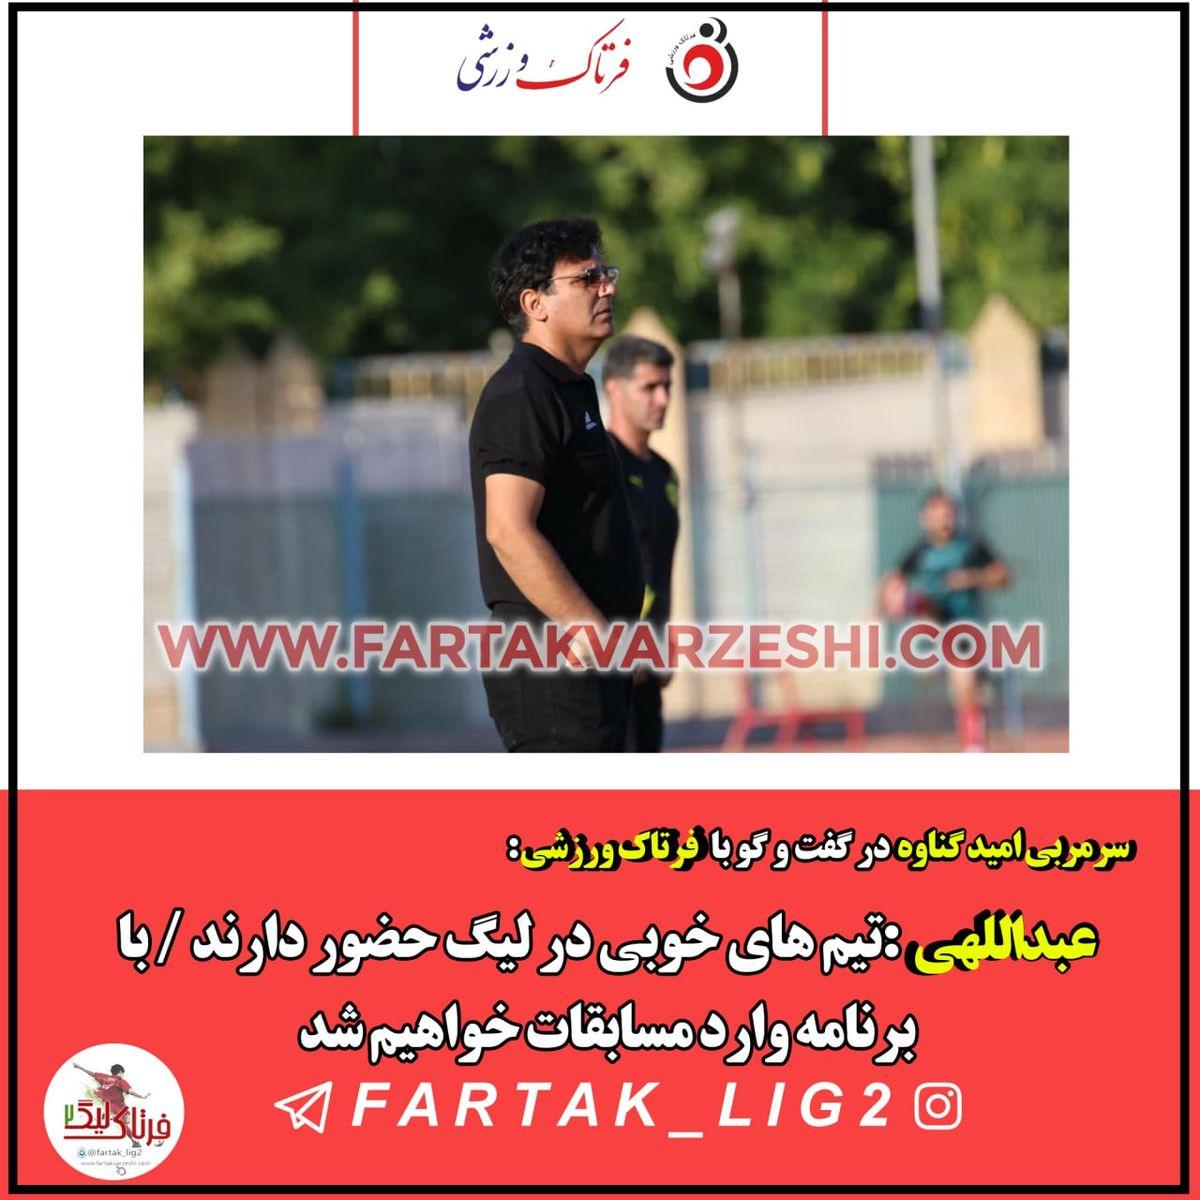 عبداللهی:تیم های خوبی در لیگ حضور دارند / با برنامه وارد مسابقات خواهیم شد